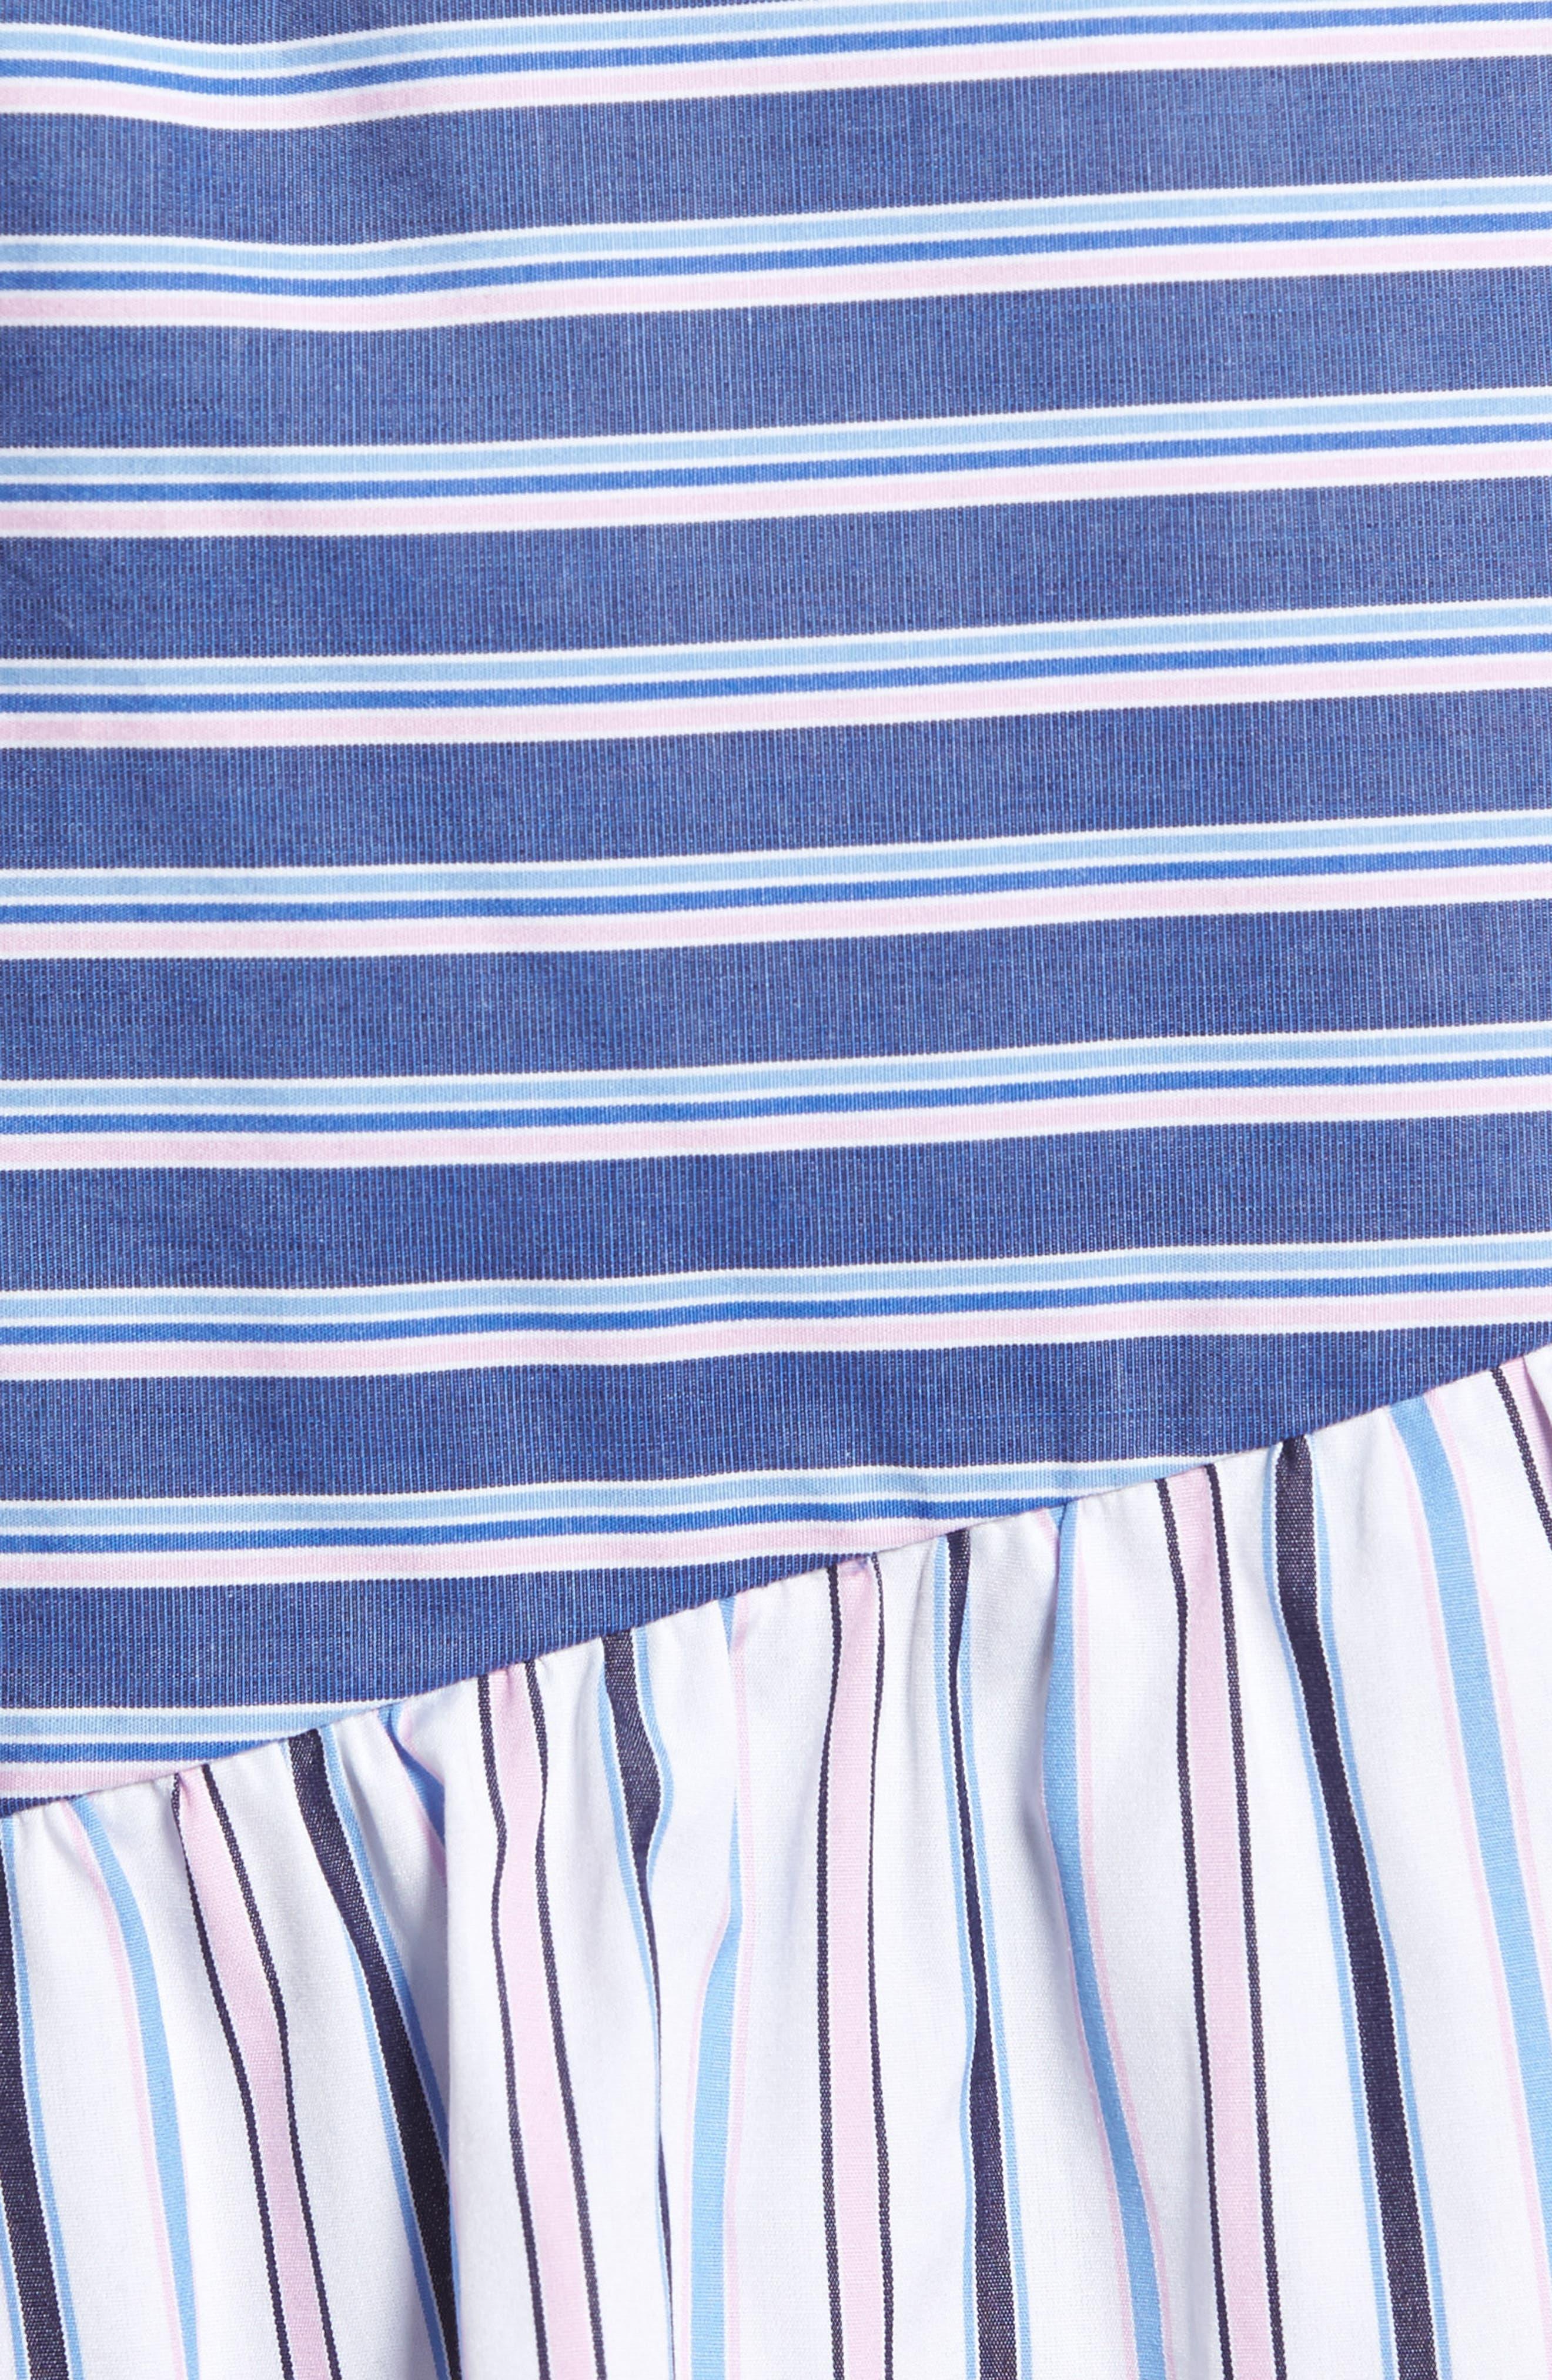 Brooklyn Ruffle Dress,                             Alternate thumbnail 5, color,                             400